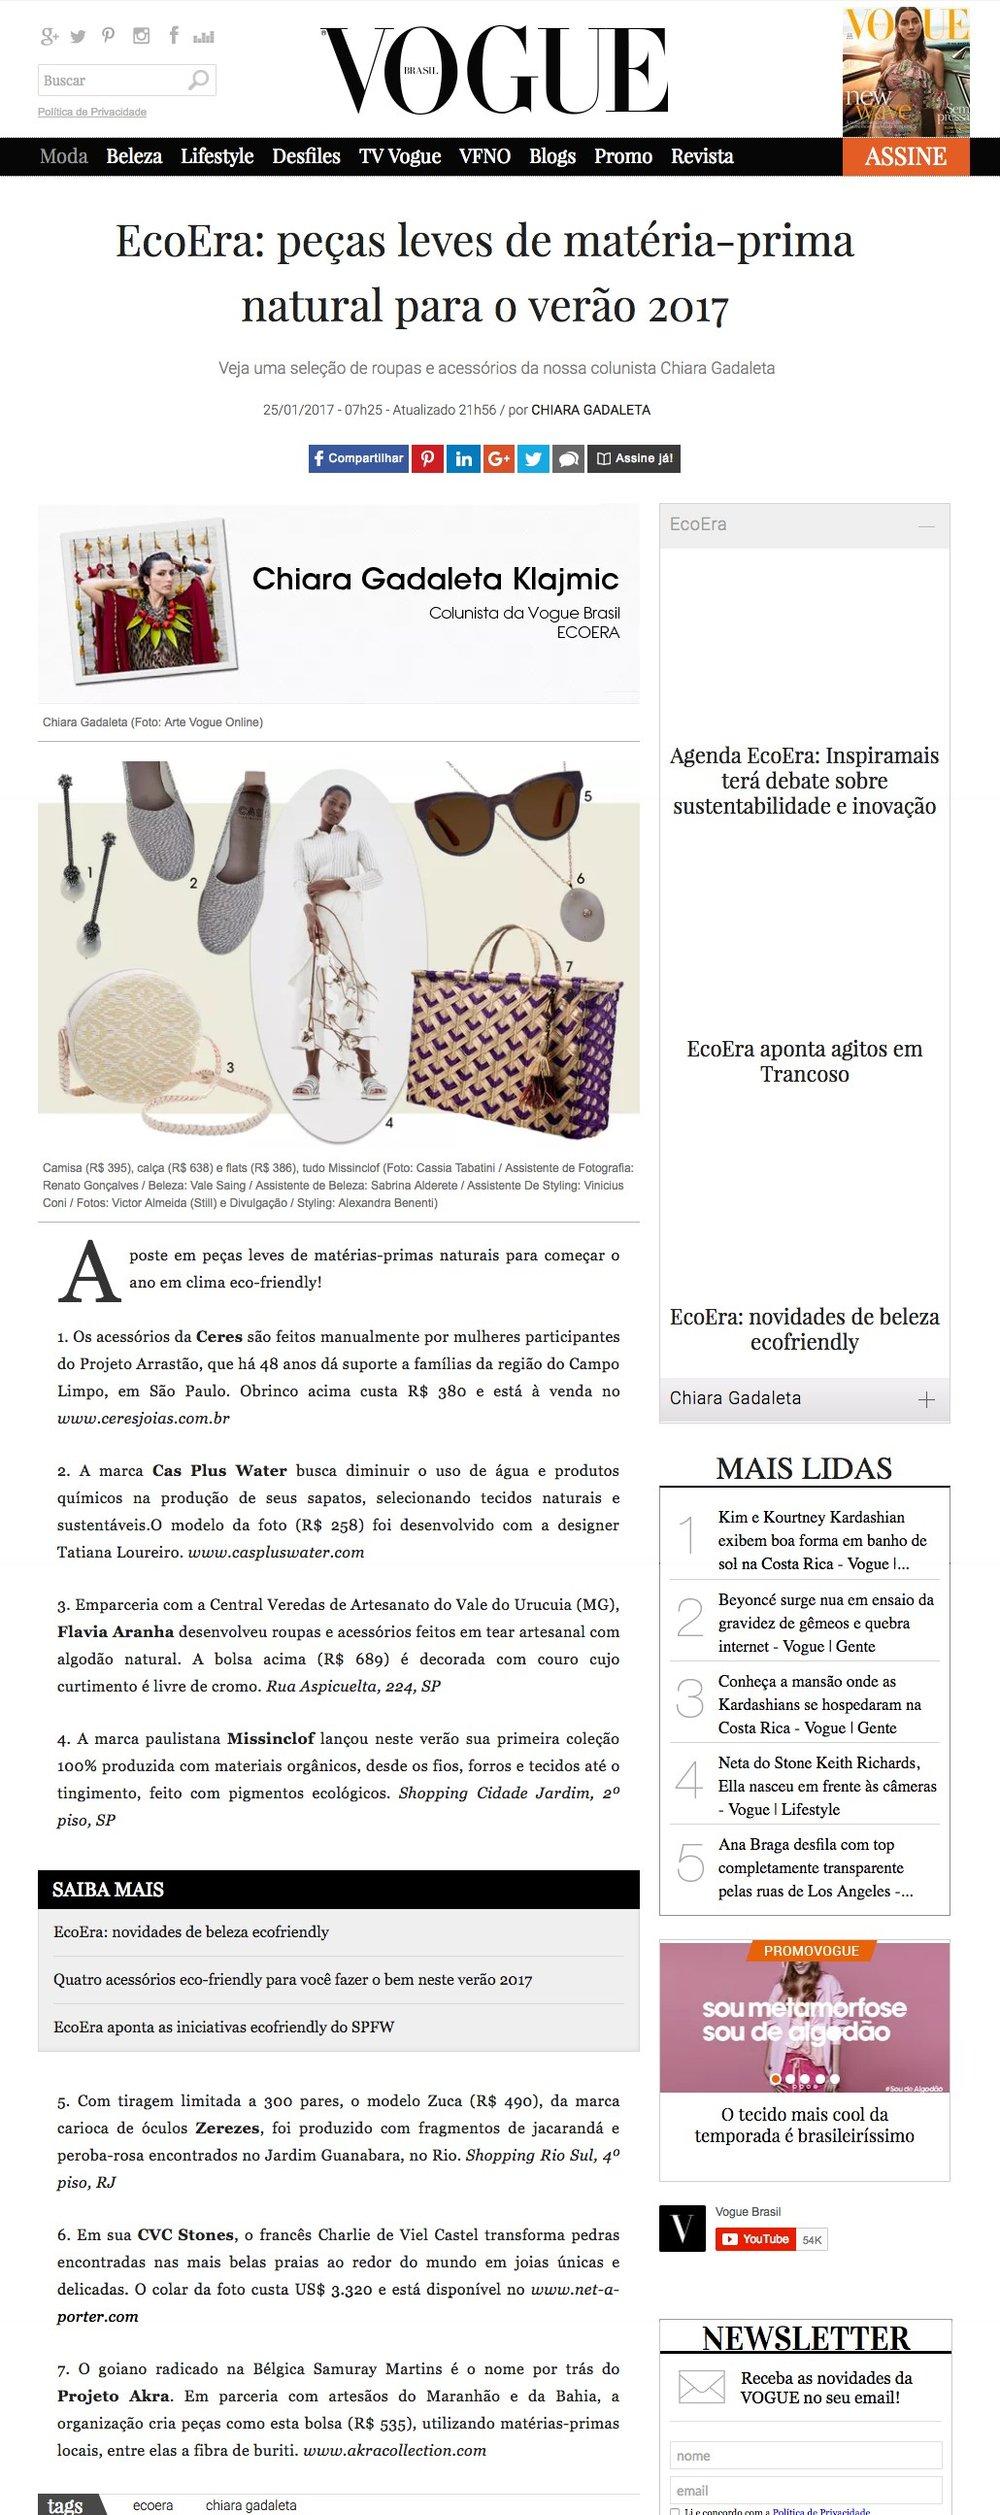 Vogue site.jpg